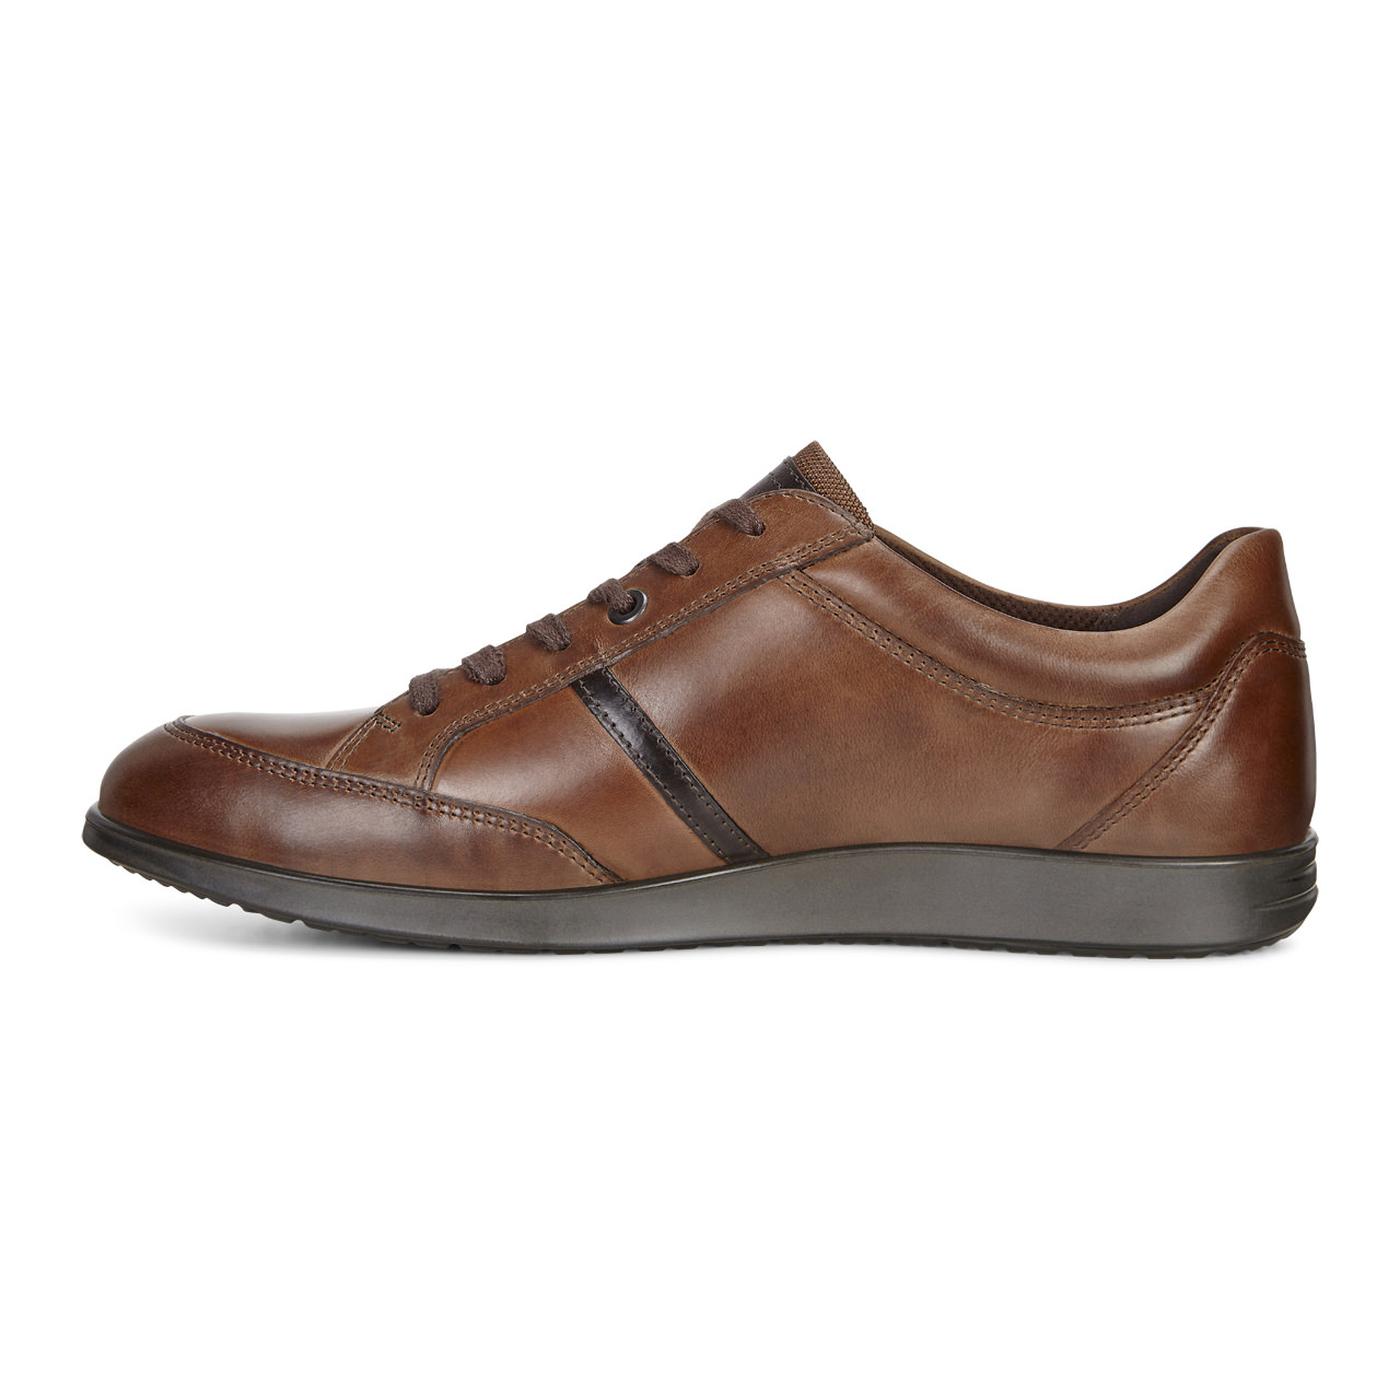 ECCO INDIANAPOLIS Shoe